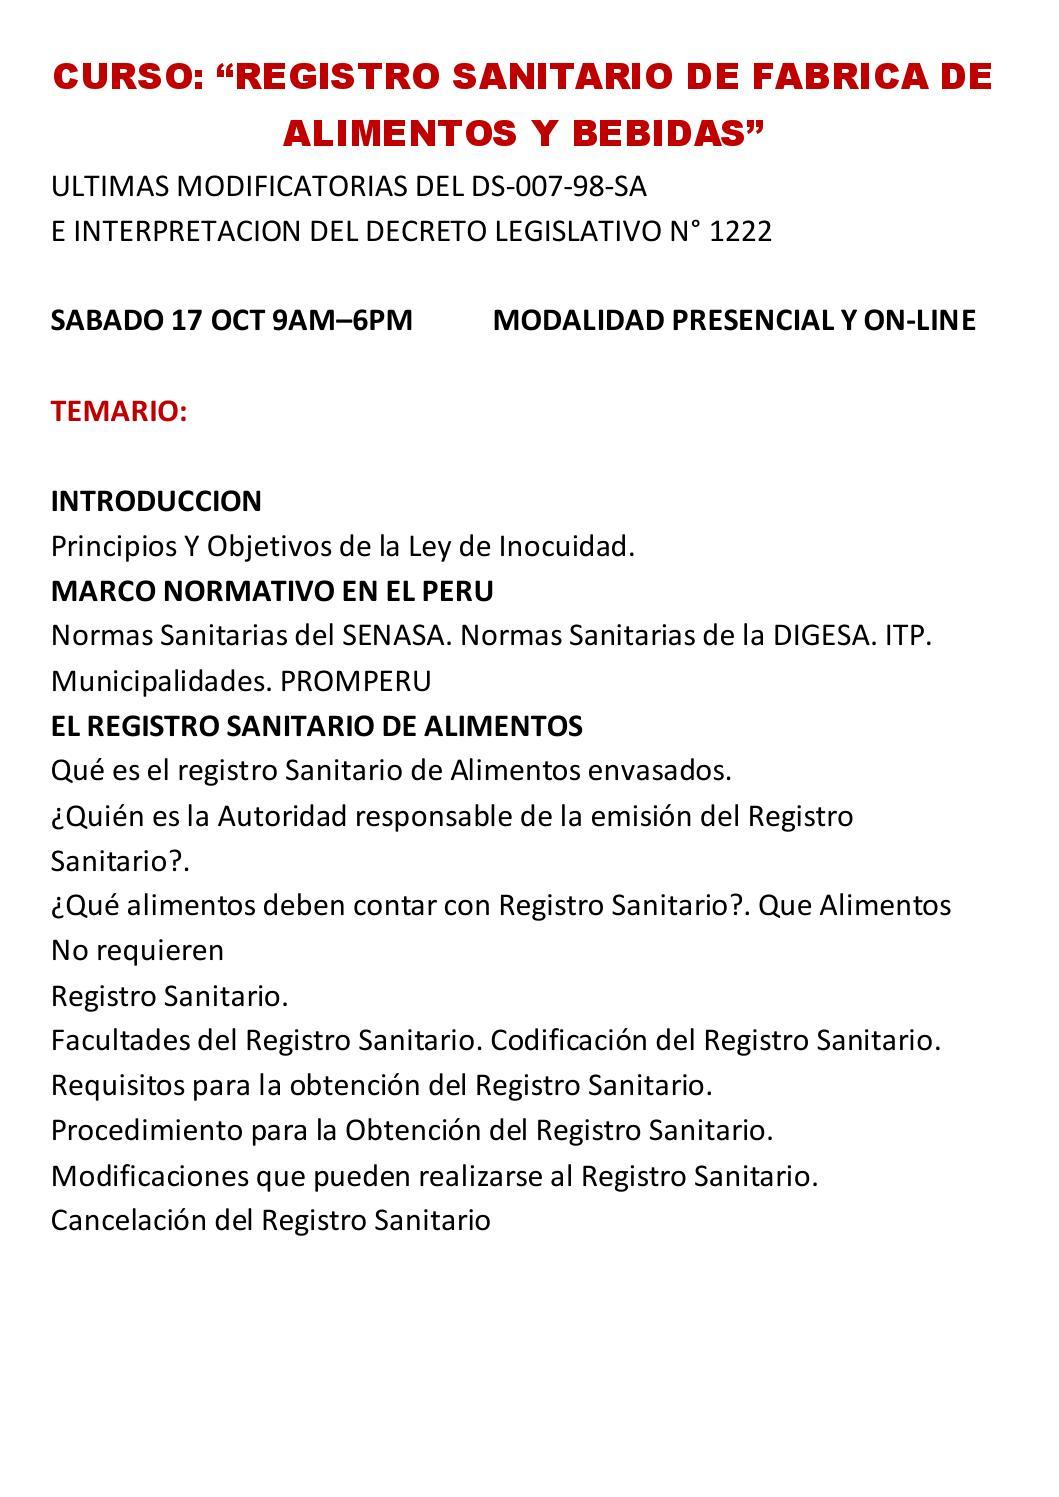 Curso registro sanitario para fabricas de alimentos y bebidas by abigail sanchez issuu - Temario curso manipulador de alimentos ...